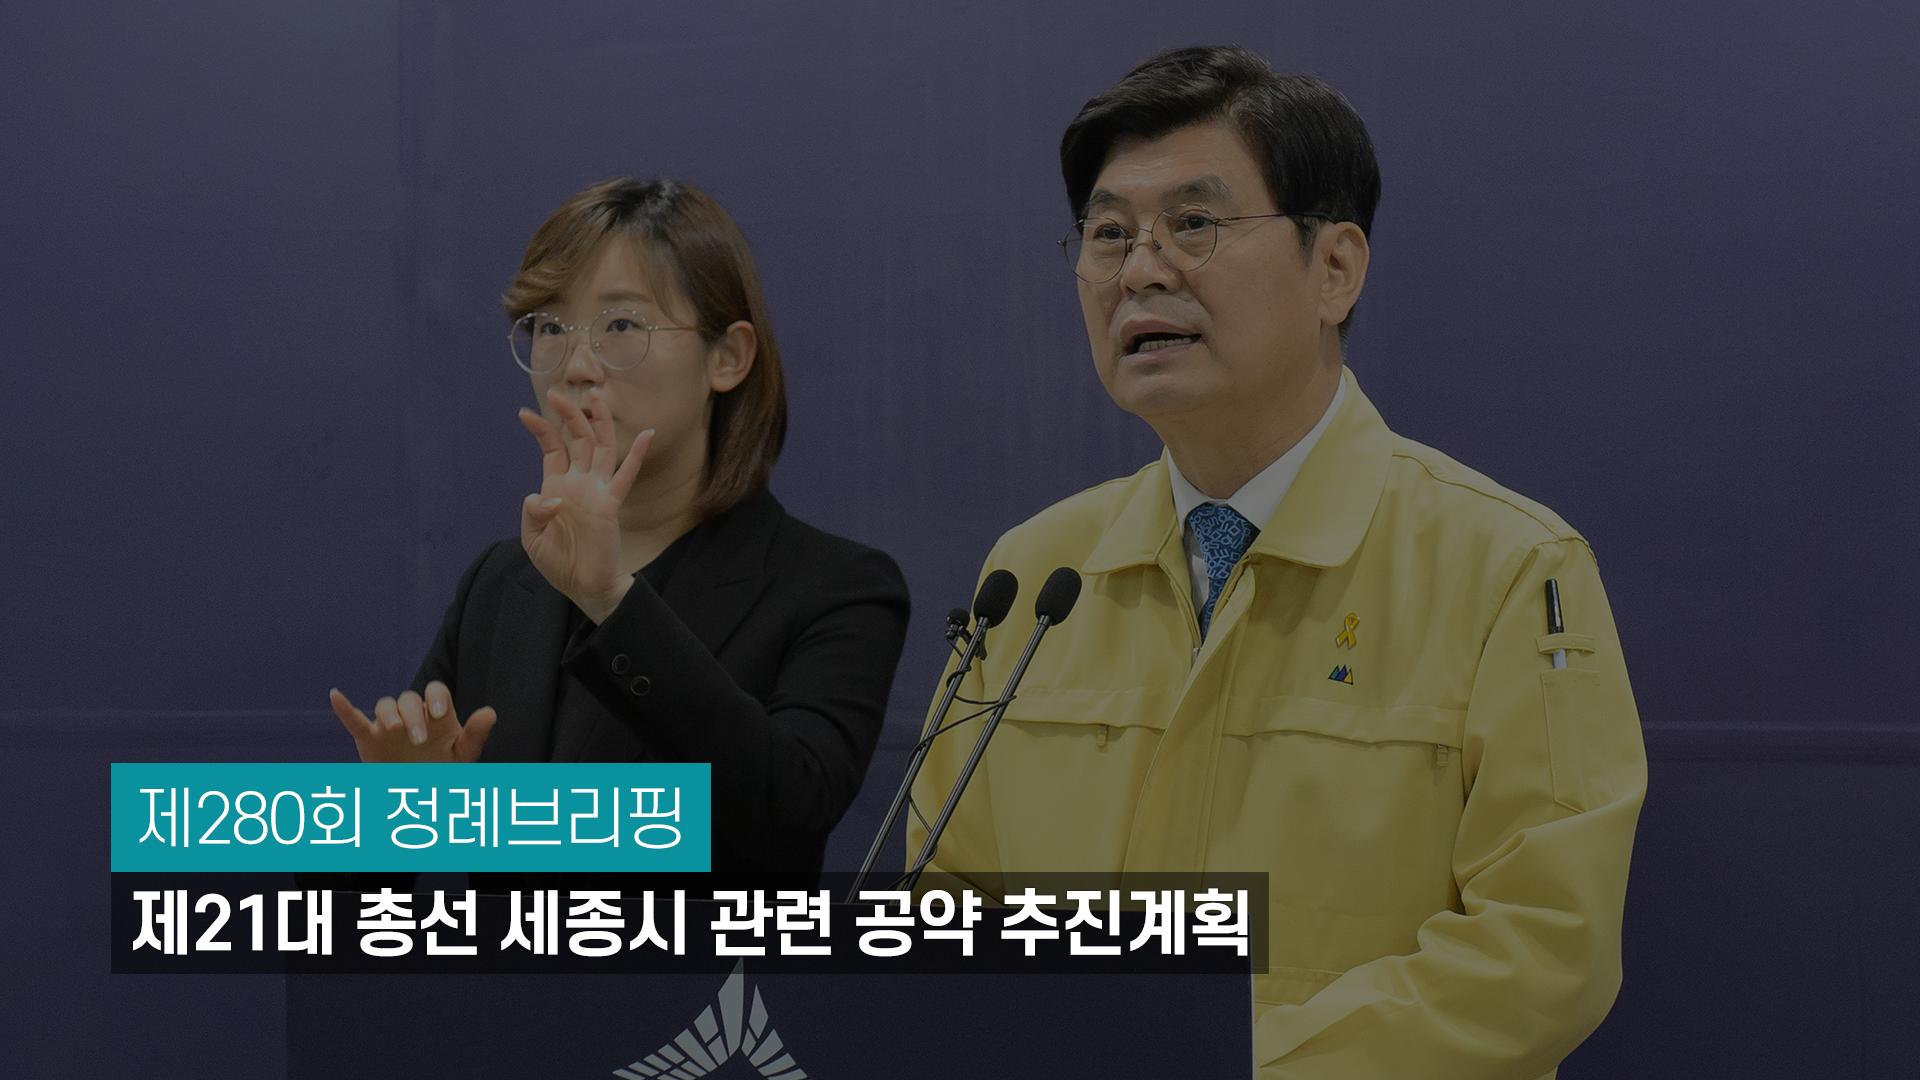 <280번째 정례브리핑> 제21대 총선 세종시 관련 공약 추진계획